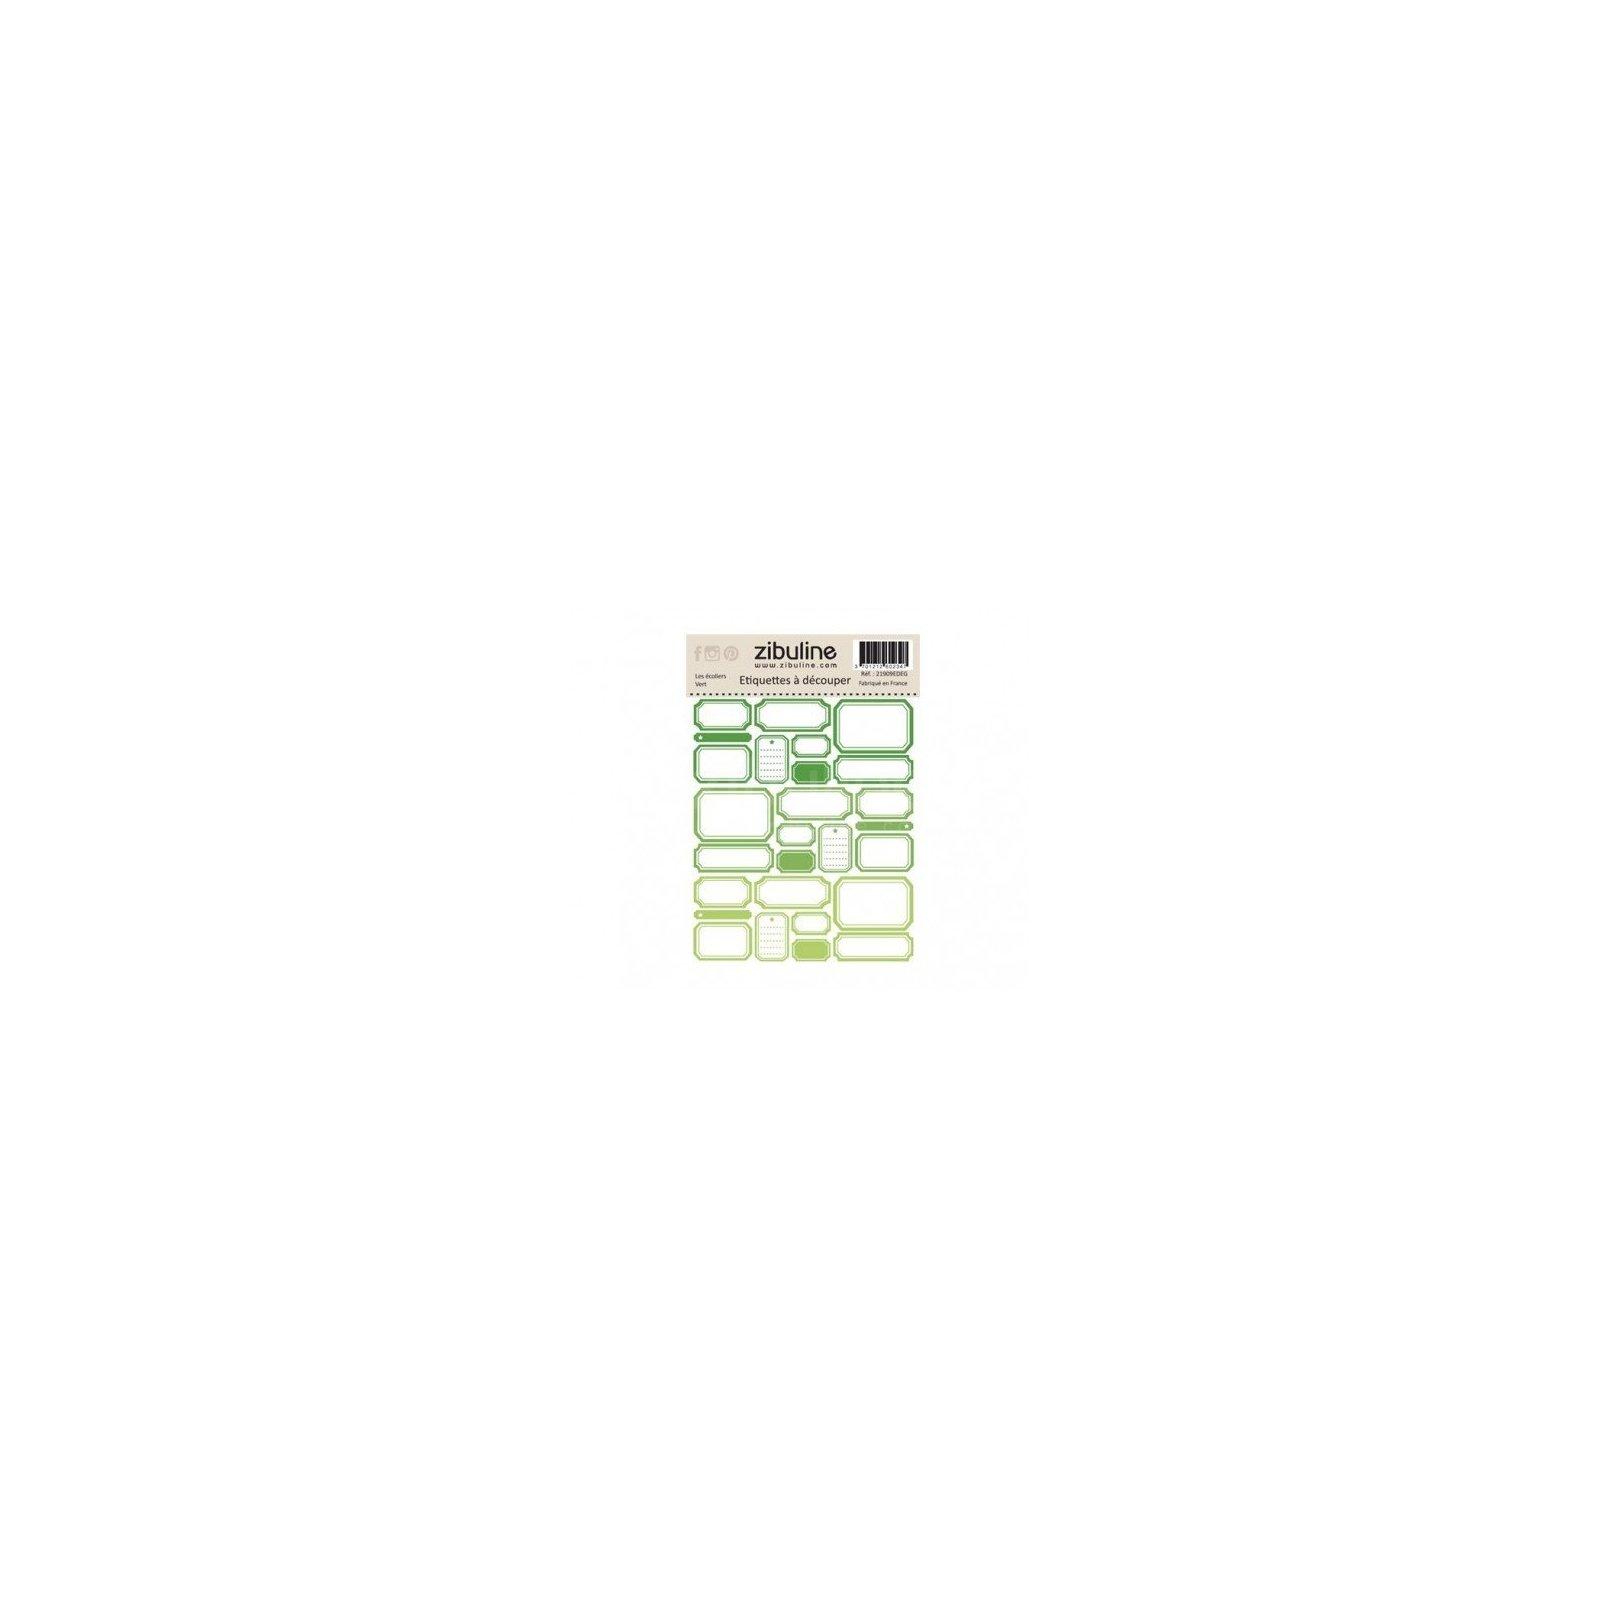 Planche d'étiquettes à découper - Les écoliers - Vert - Zibuline